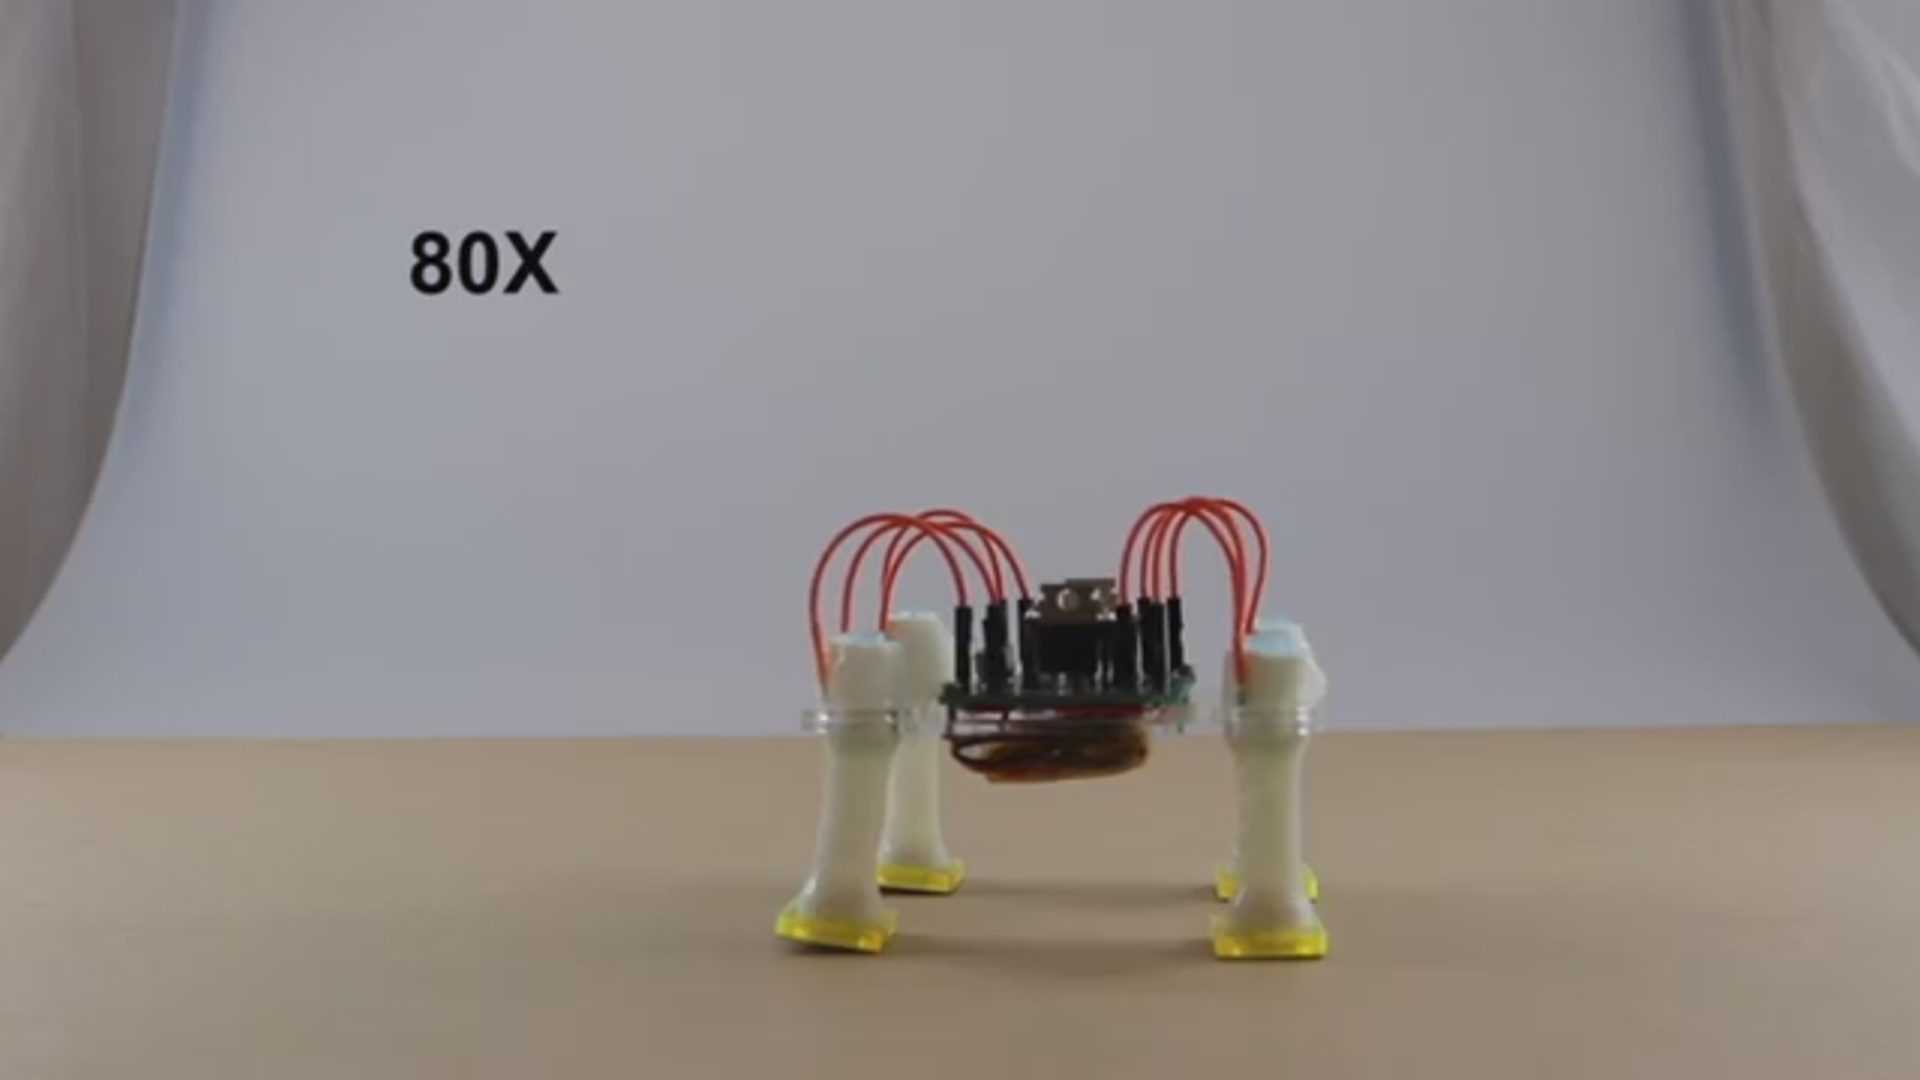 Yumşaq robotlar yaratmaq üçün yeni üsul hazırlanıb